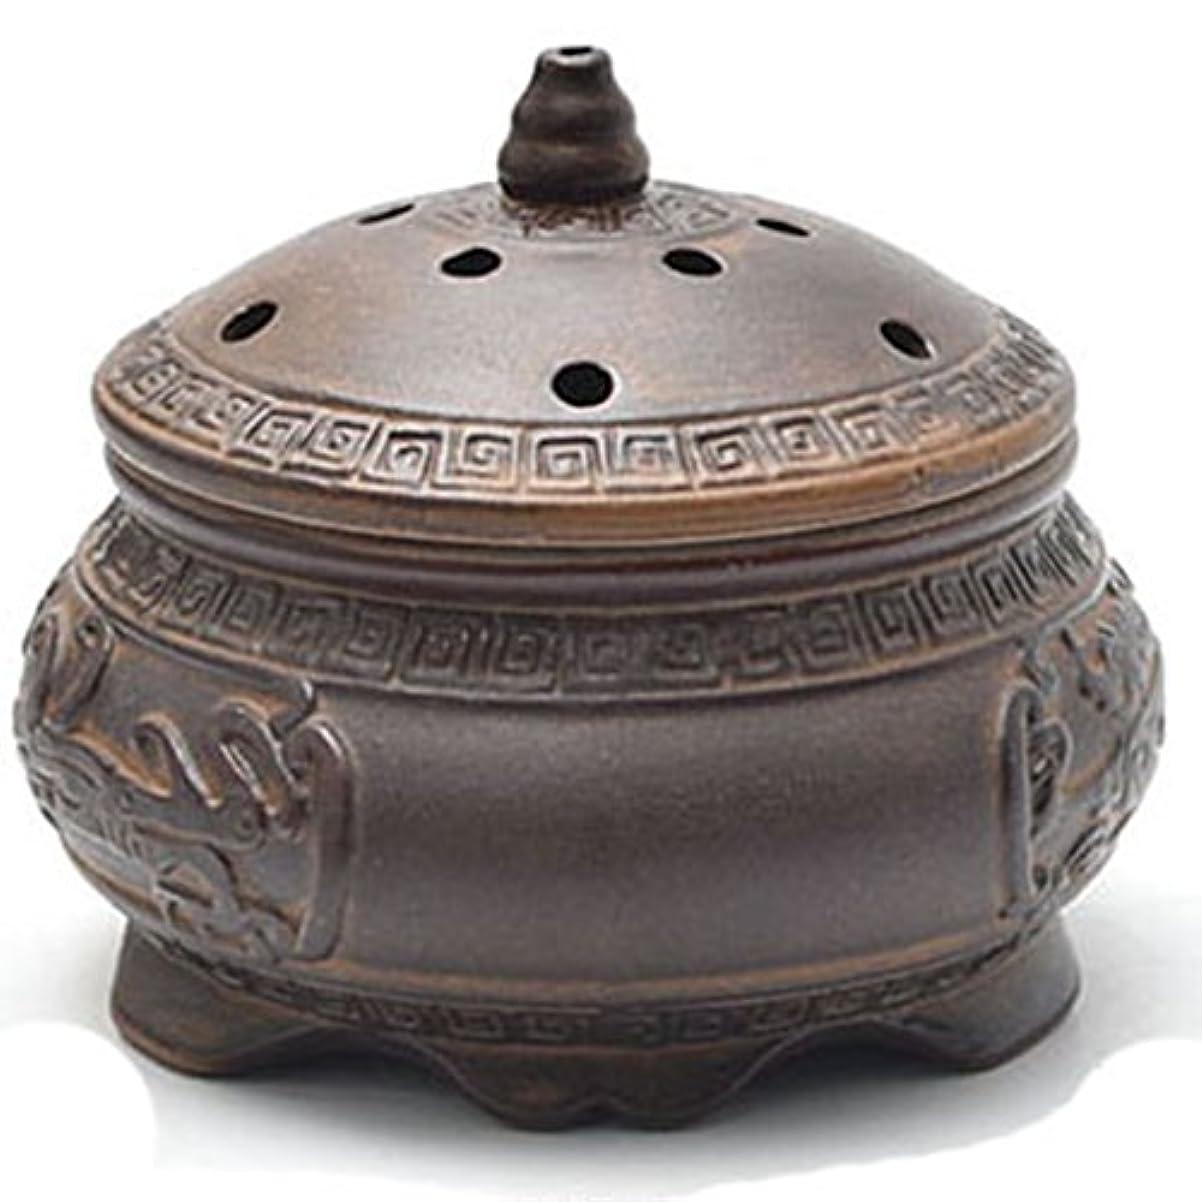 意味のあるためにアルネ(ラシューバー) Lasuiveur 香炉 線香立て 香立て 職人さんの手作り 茶道用品 おしゃれ